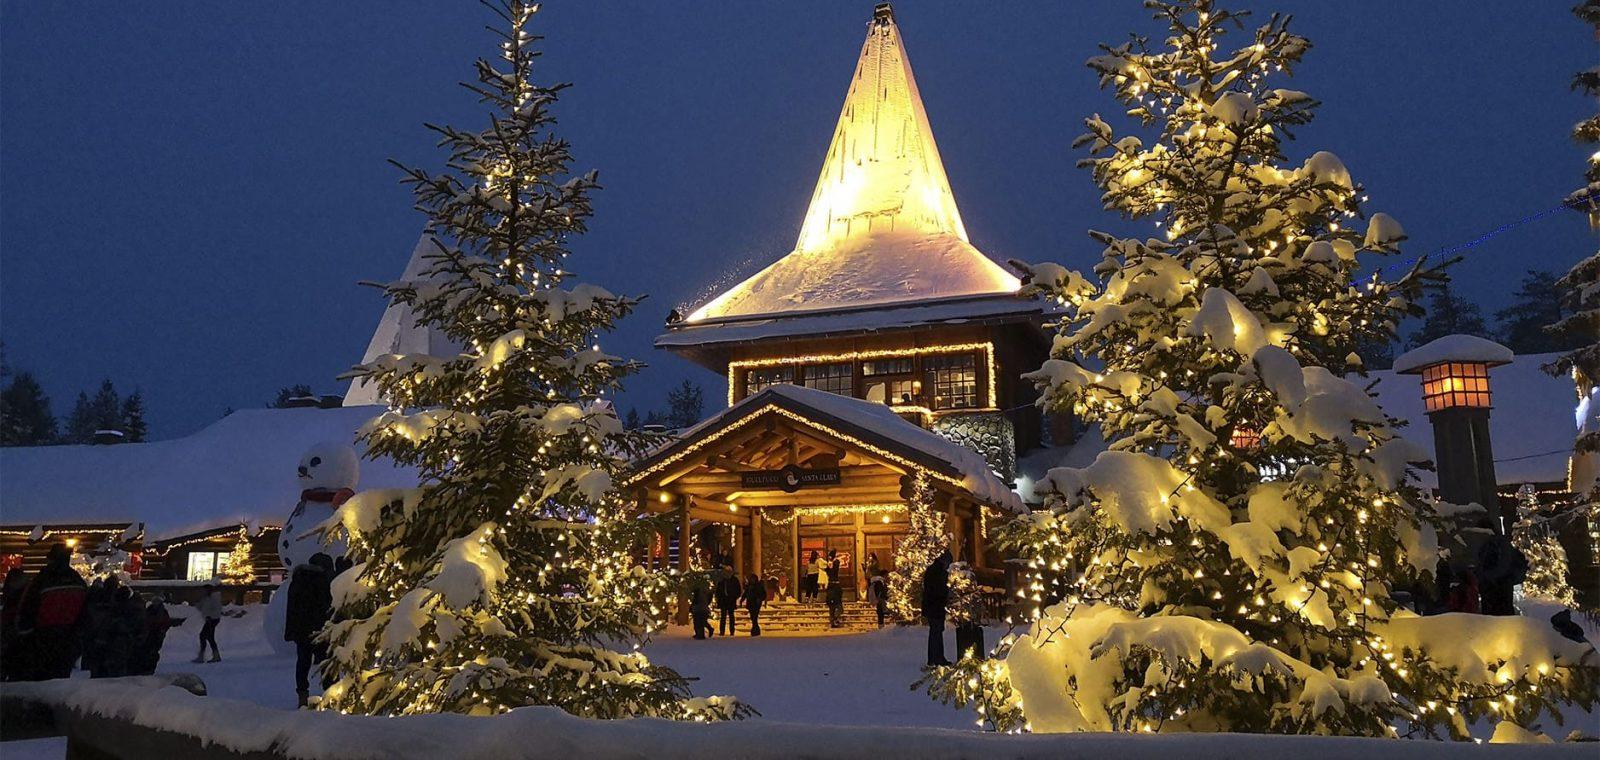 Власти Финляндии ввели карантин в деревне Санта-Клауса